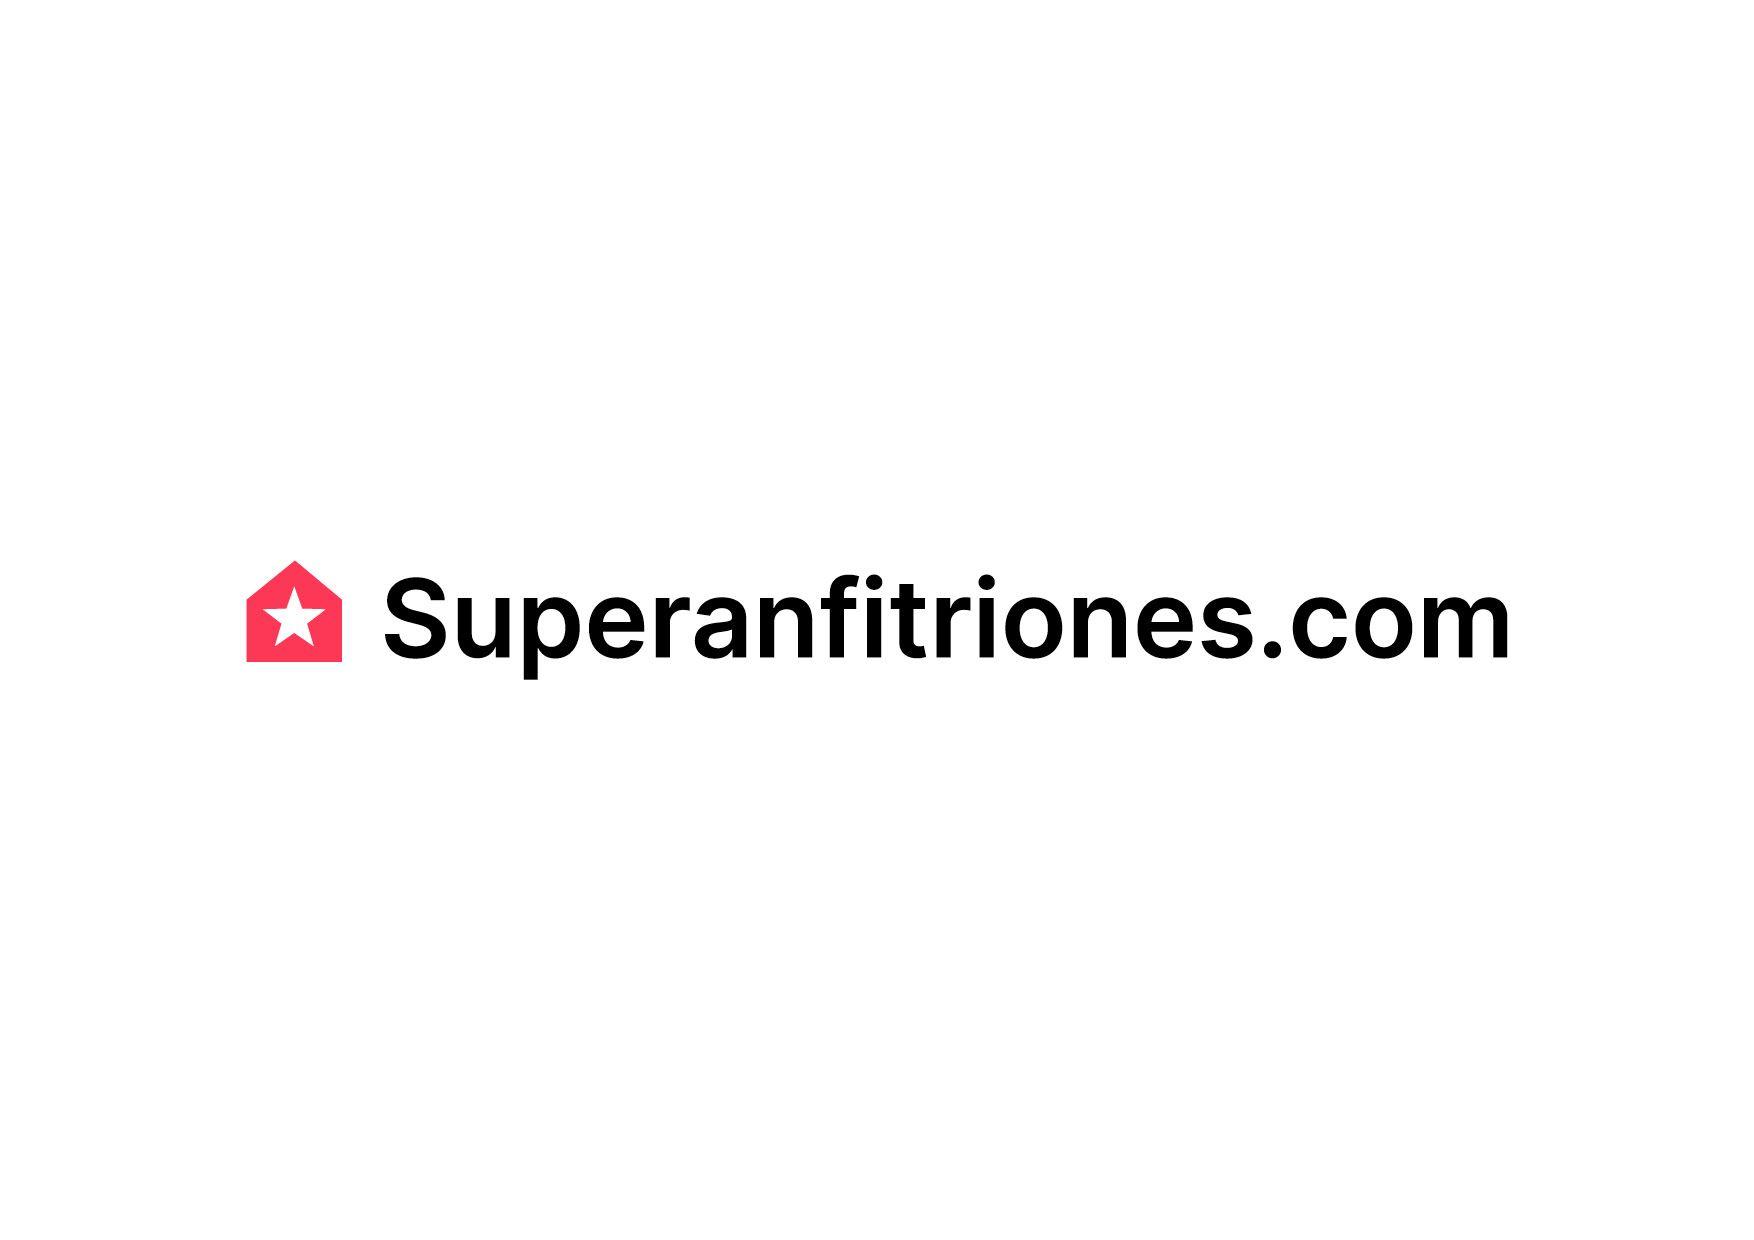 Superanfitriones